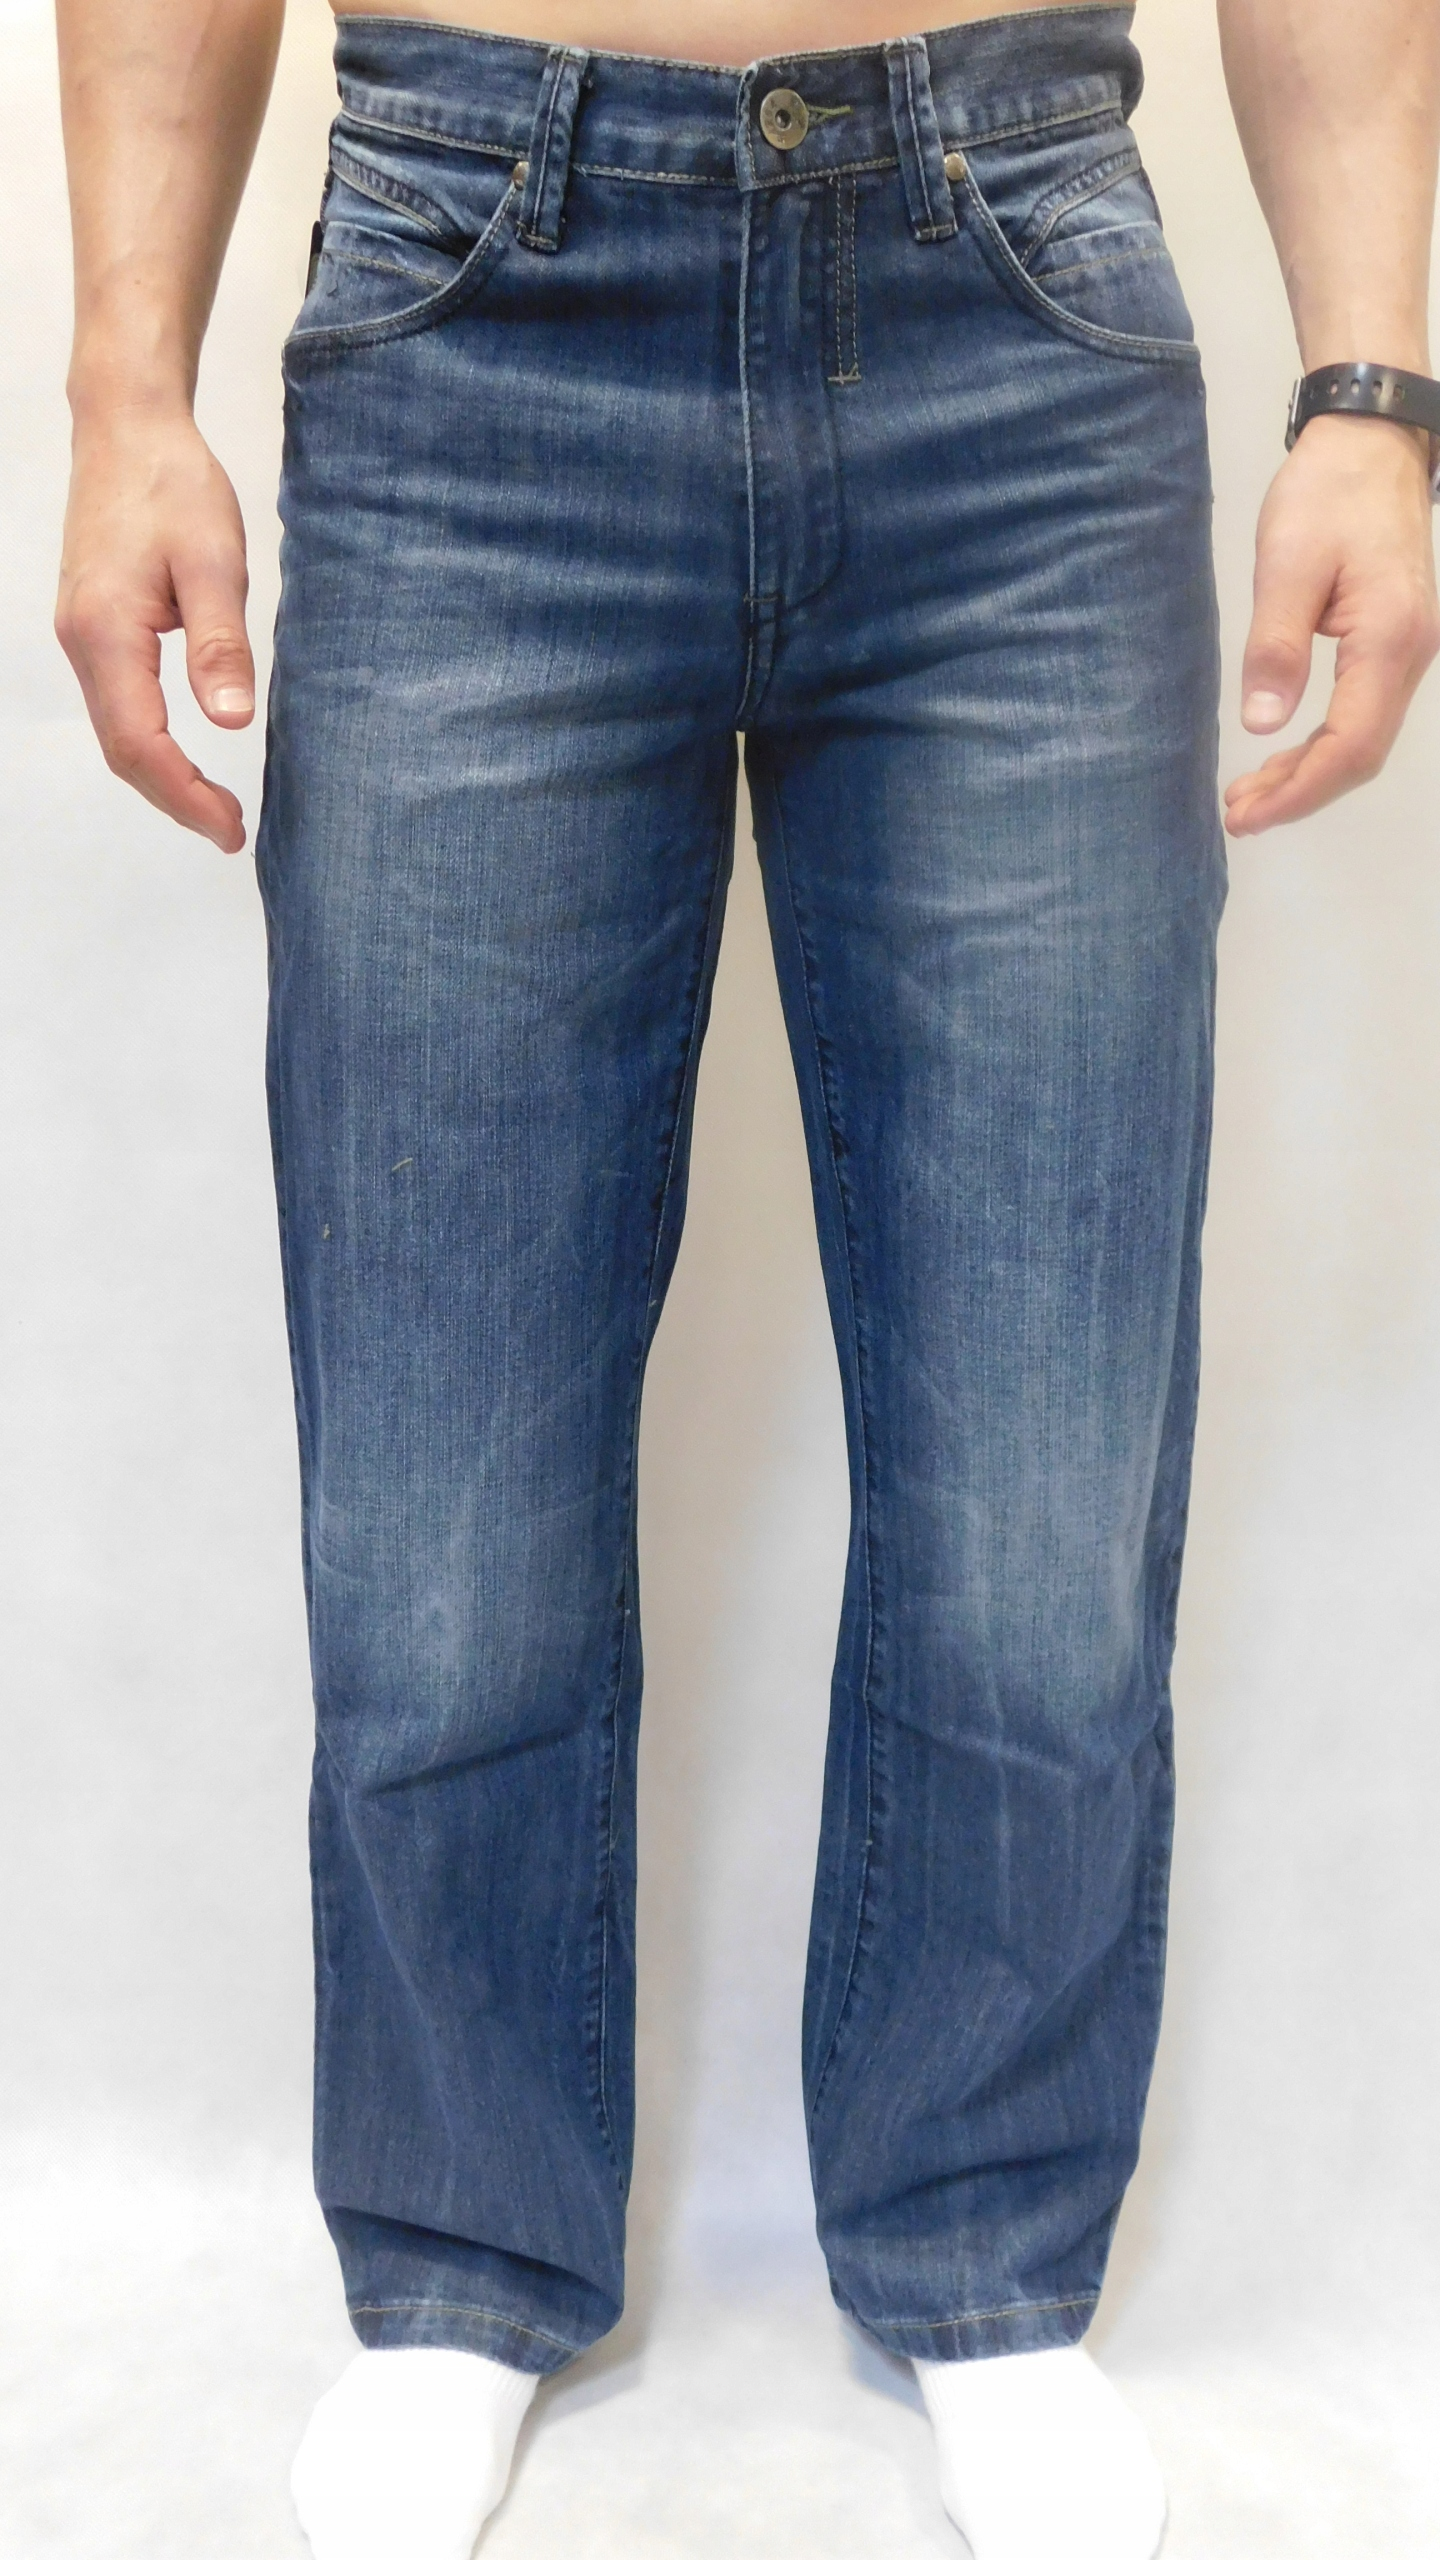 Spodnie męskie jeansowe Sarol 33 pas 84-86 cm